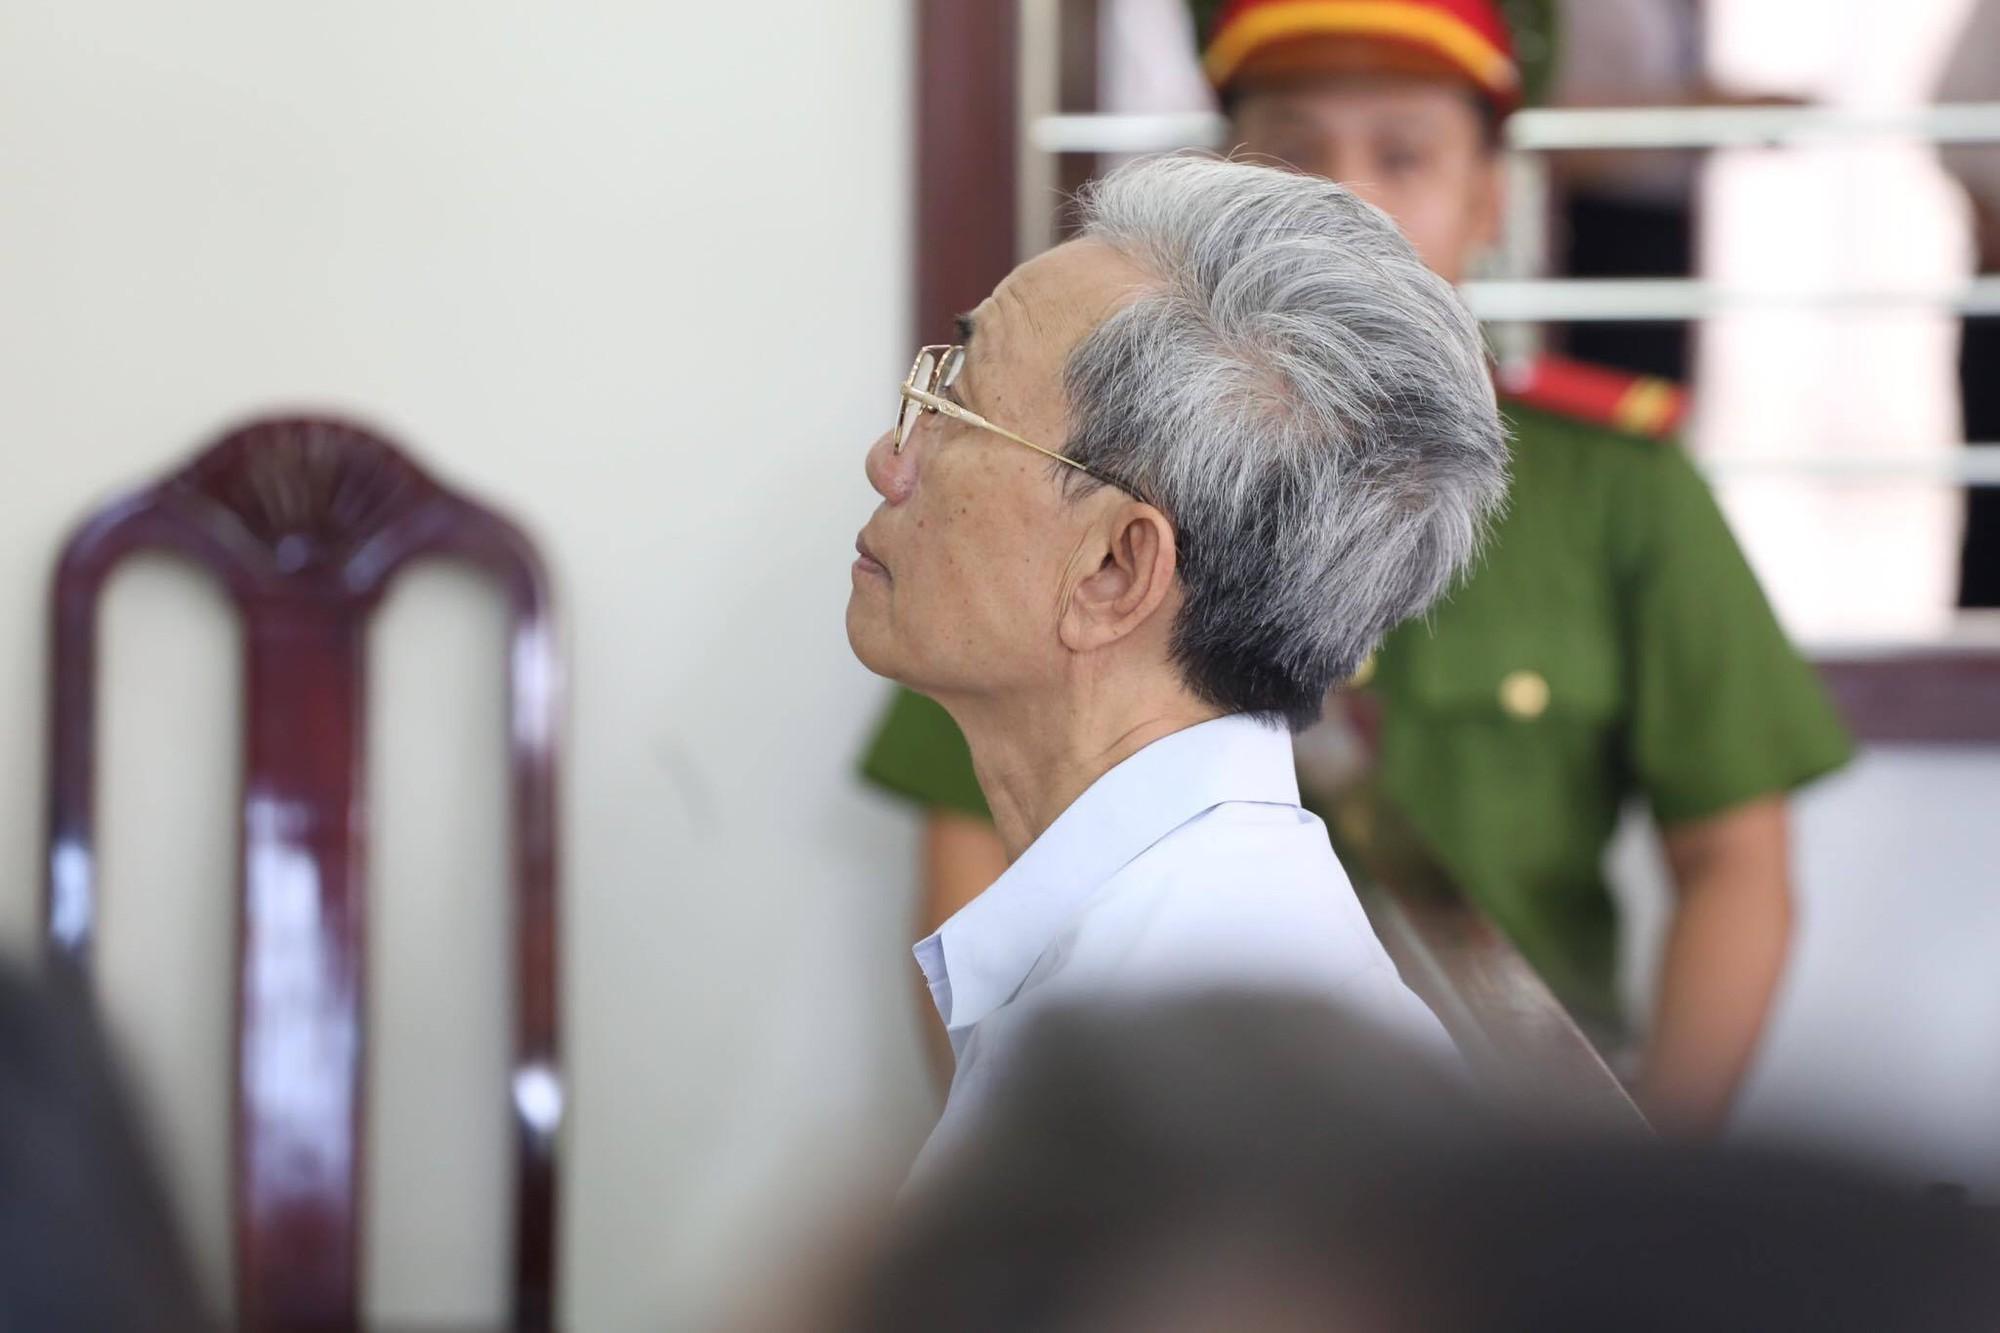 Tòa tuyên án 3 năm tù về tội Dâm ô đối với trẻ em, bị cáo 77 tuổi hét lớn: Tôi phản đối! - Ảnh 1.